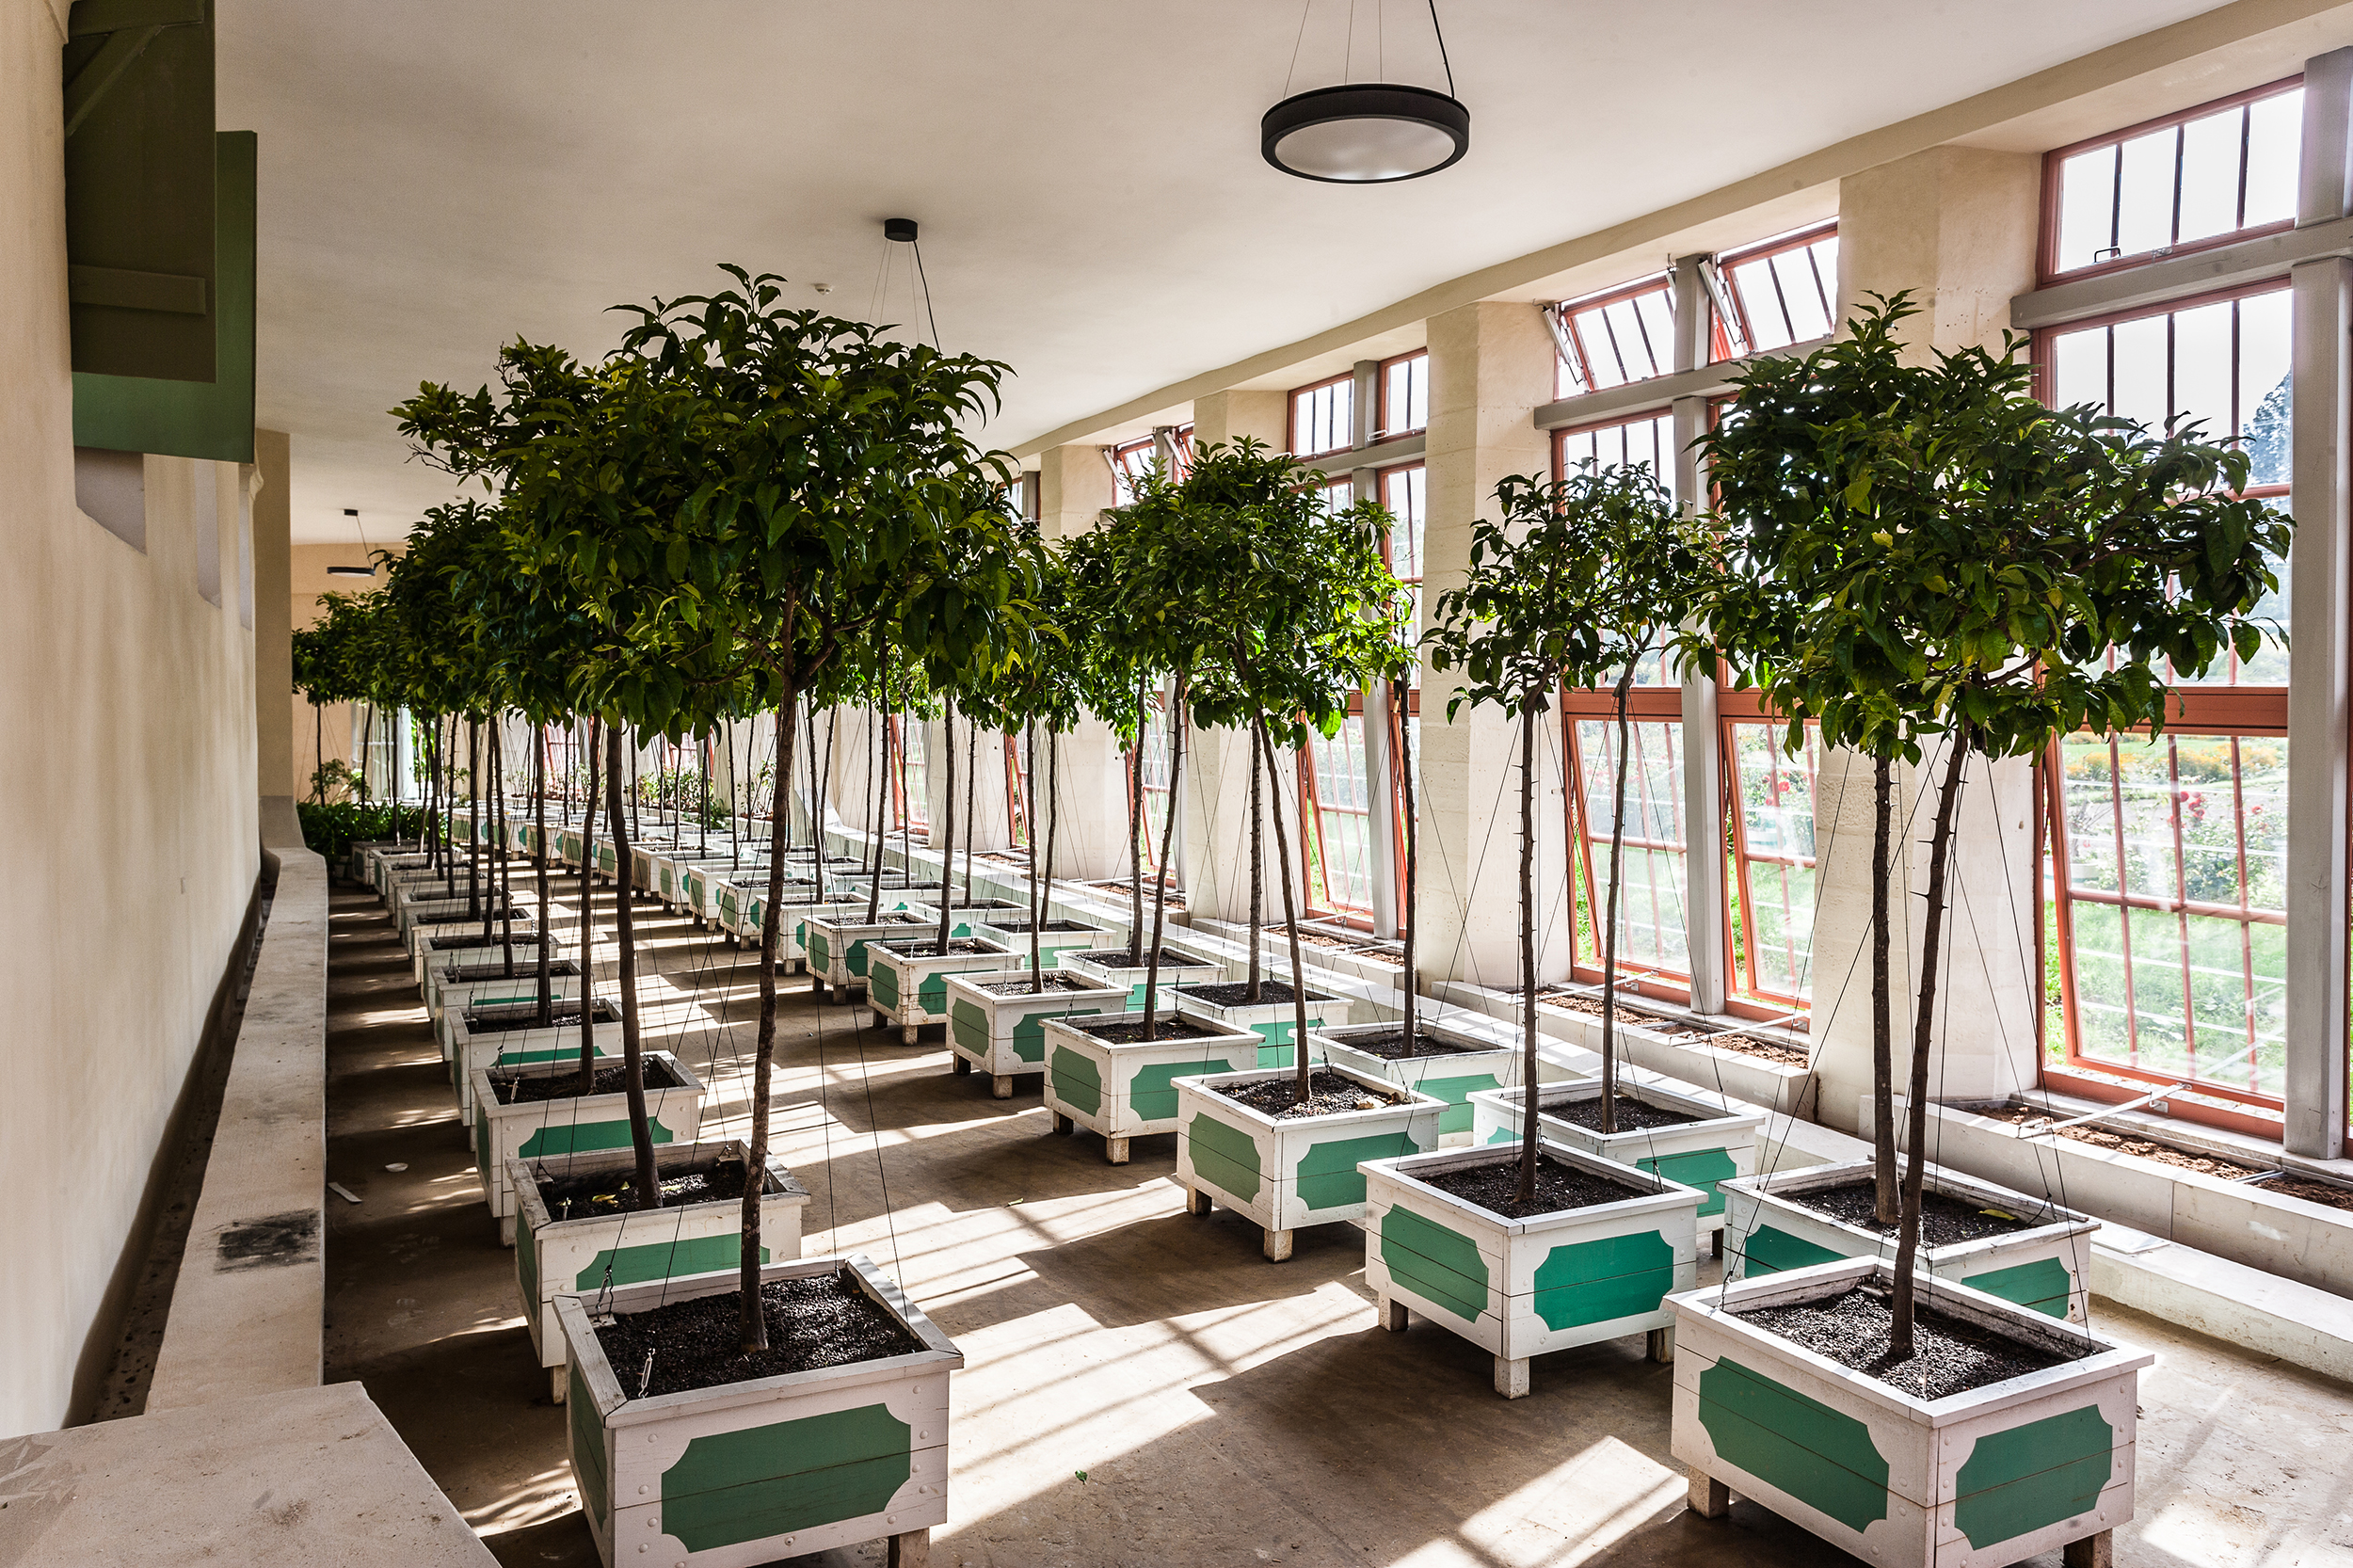 Denkmalpflegerische instandsetzung orangerie belvedere weimar architekturf hrer th ringen - Architekturburo weimar ...